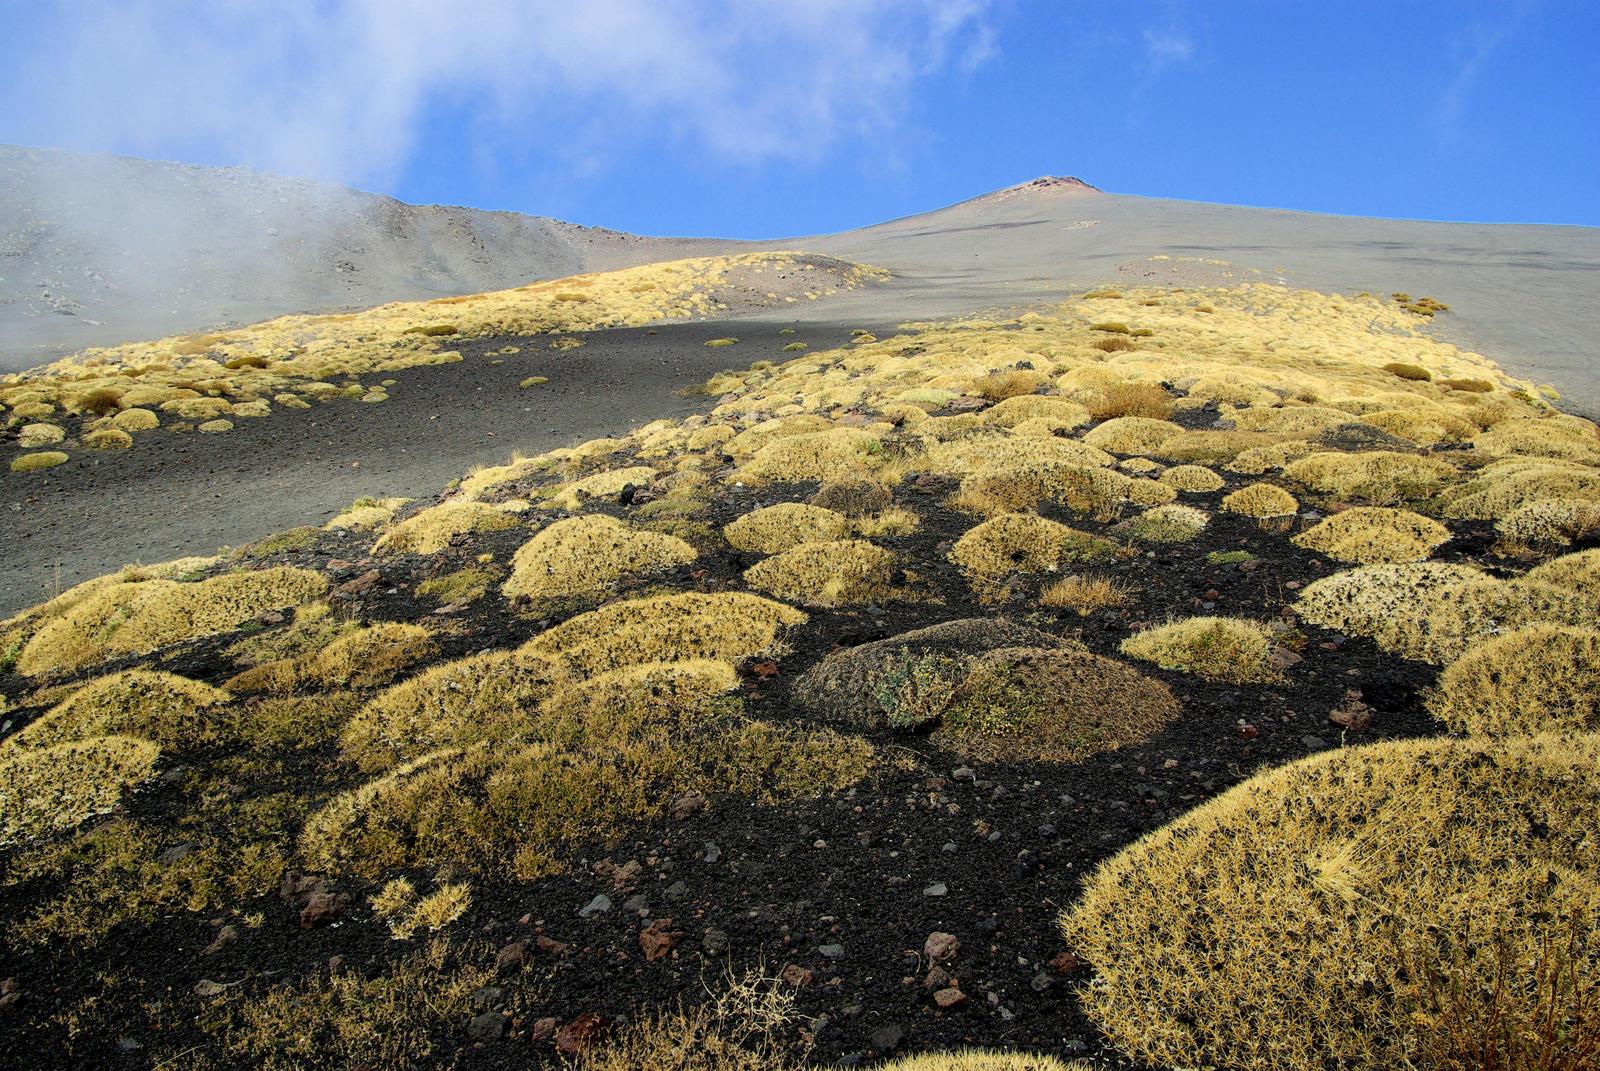 Foto van een helling van de Etna met gele mos